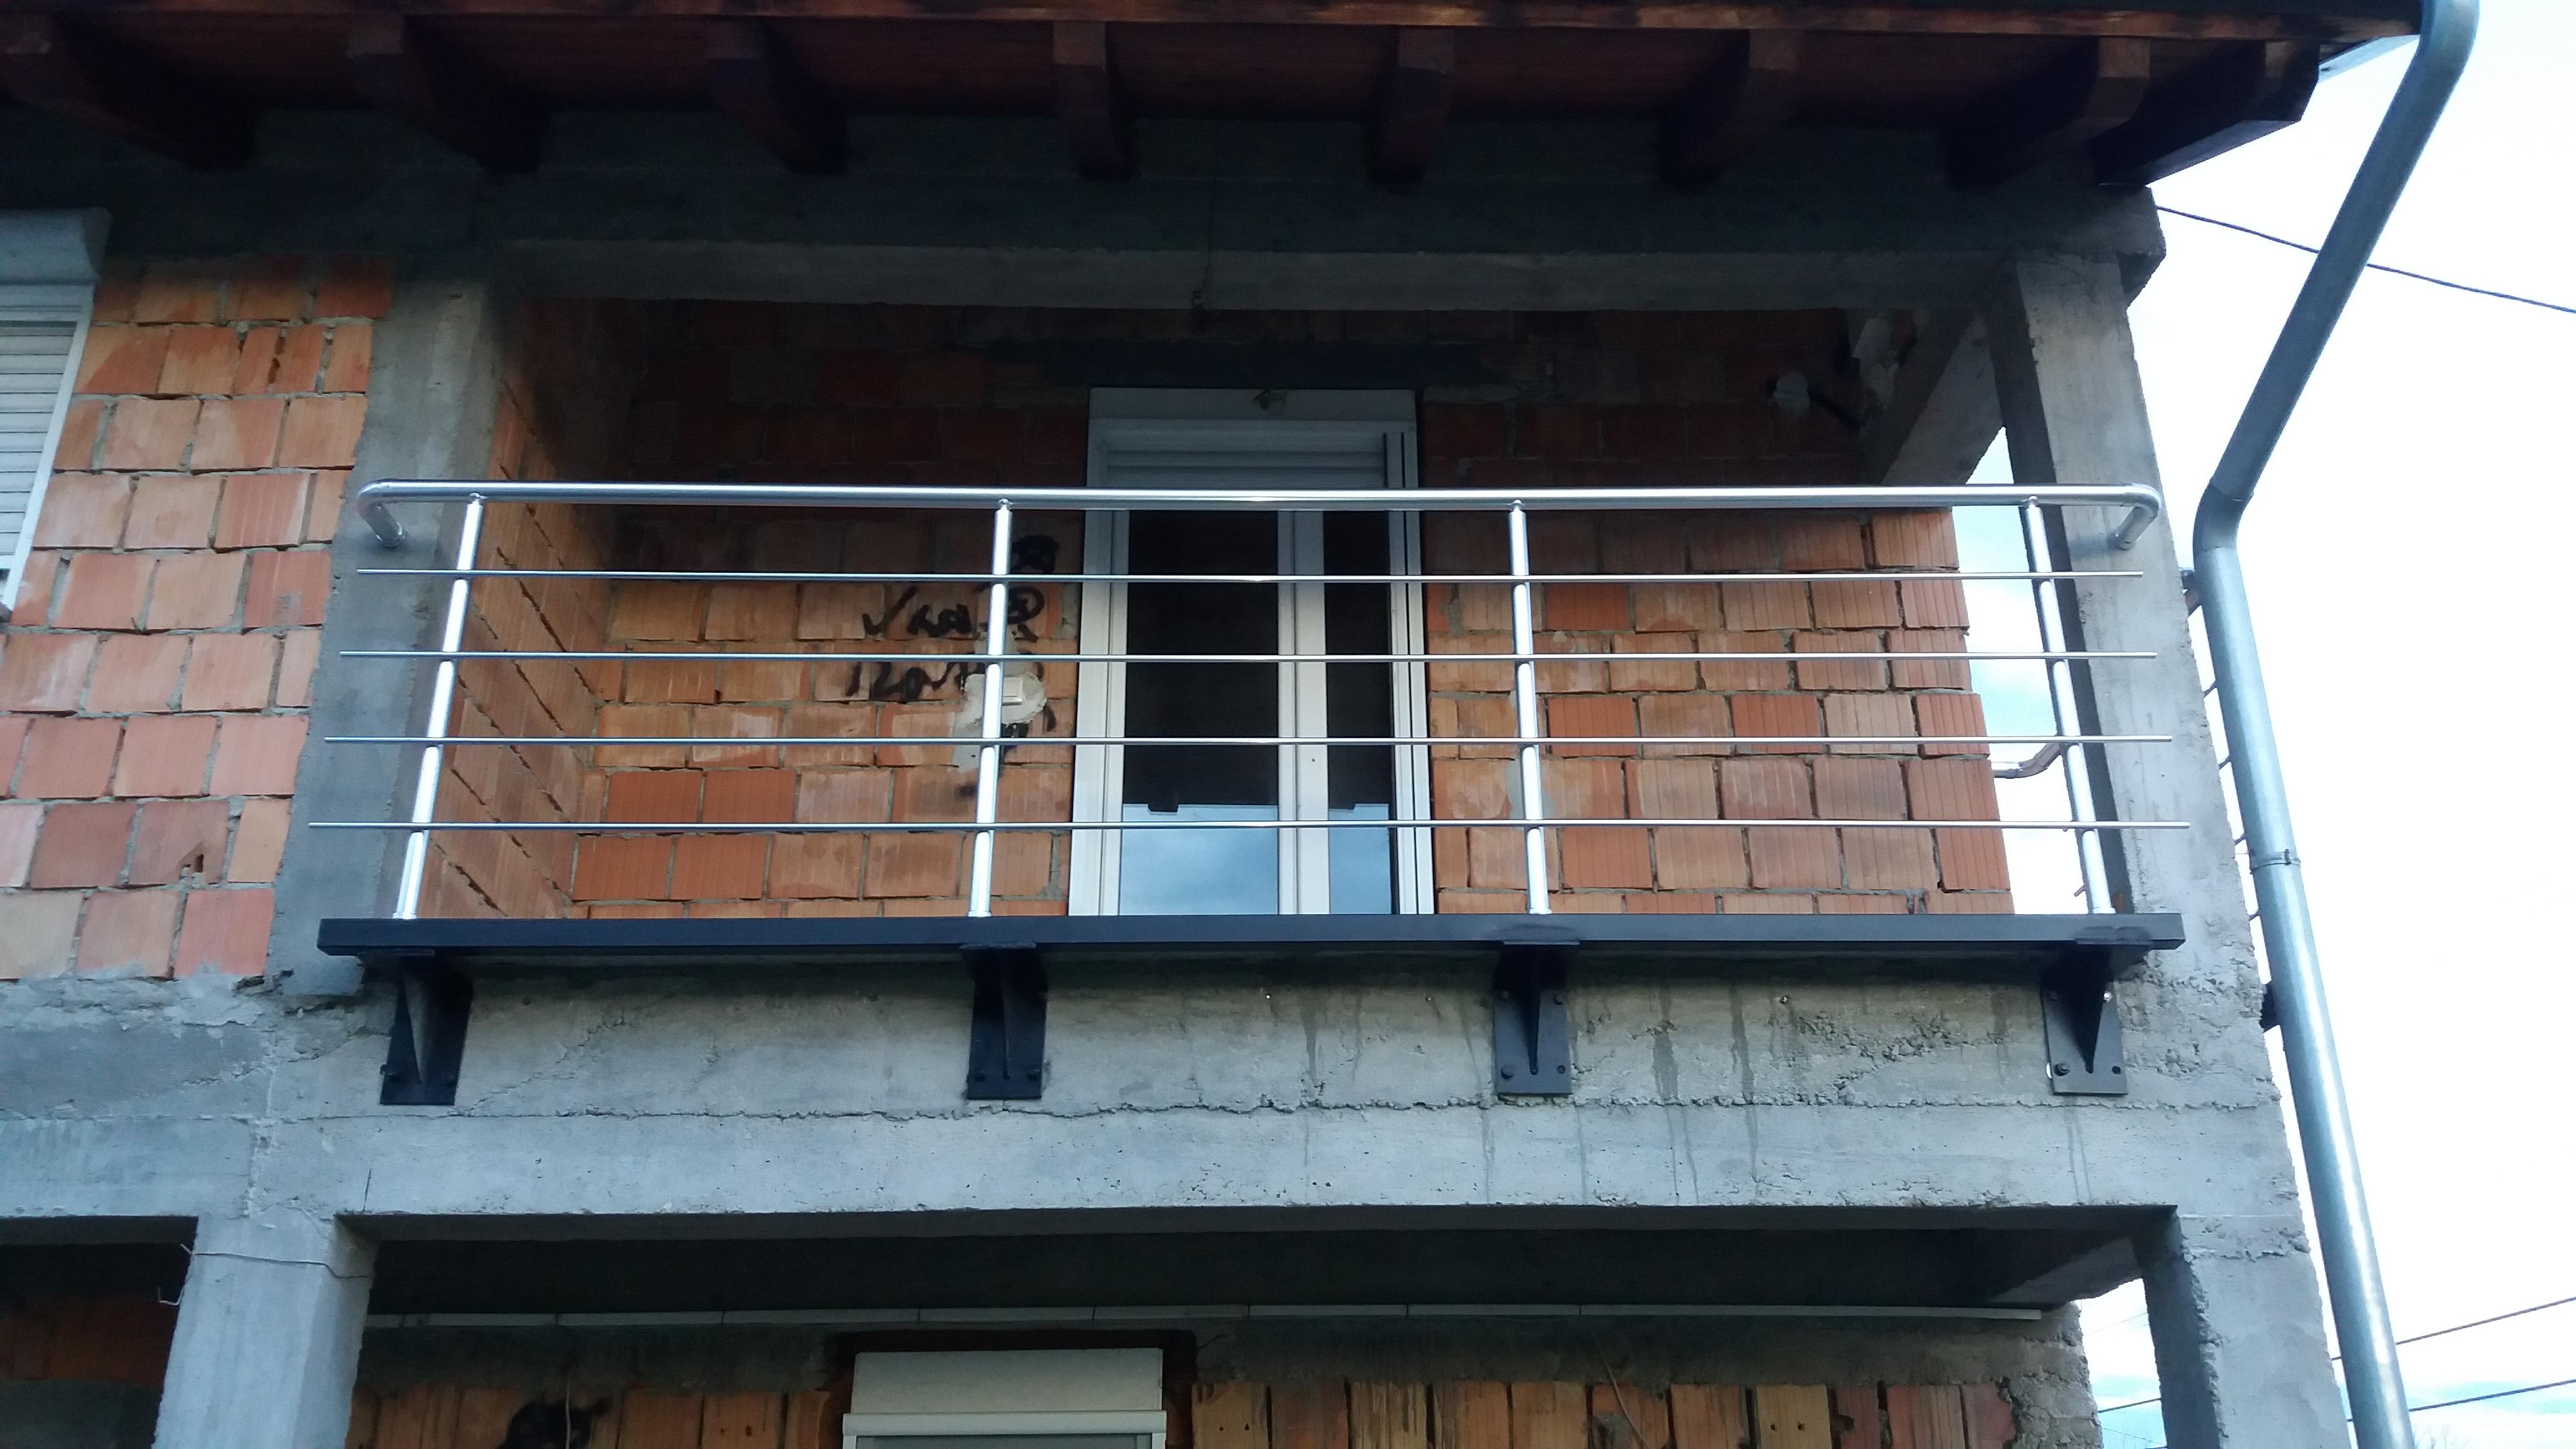 Čelična konstrukcija za aluminijumsku ogradu